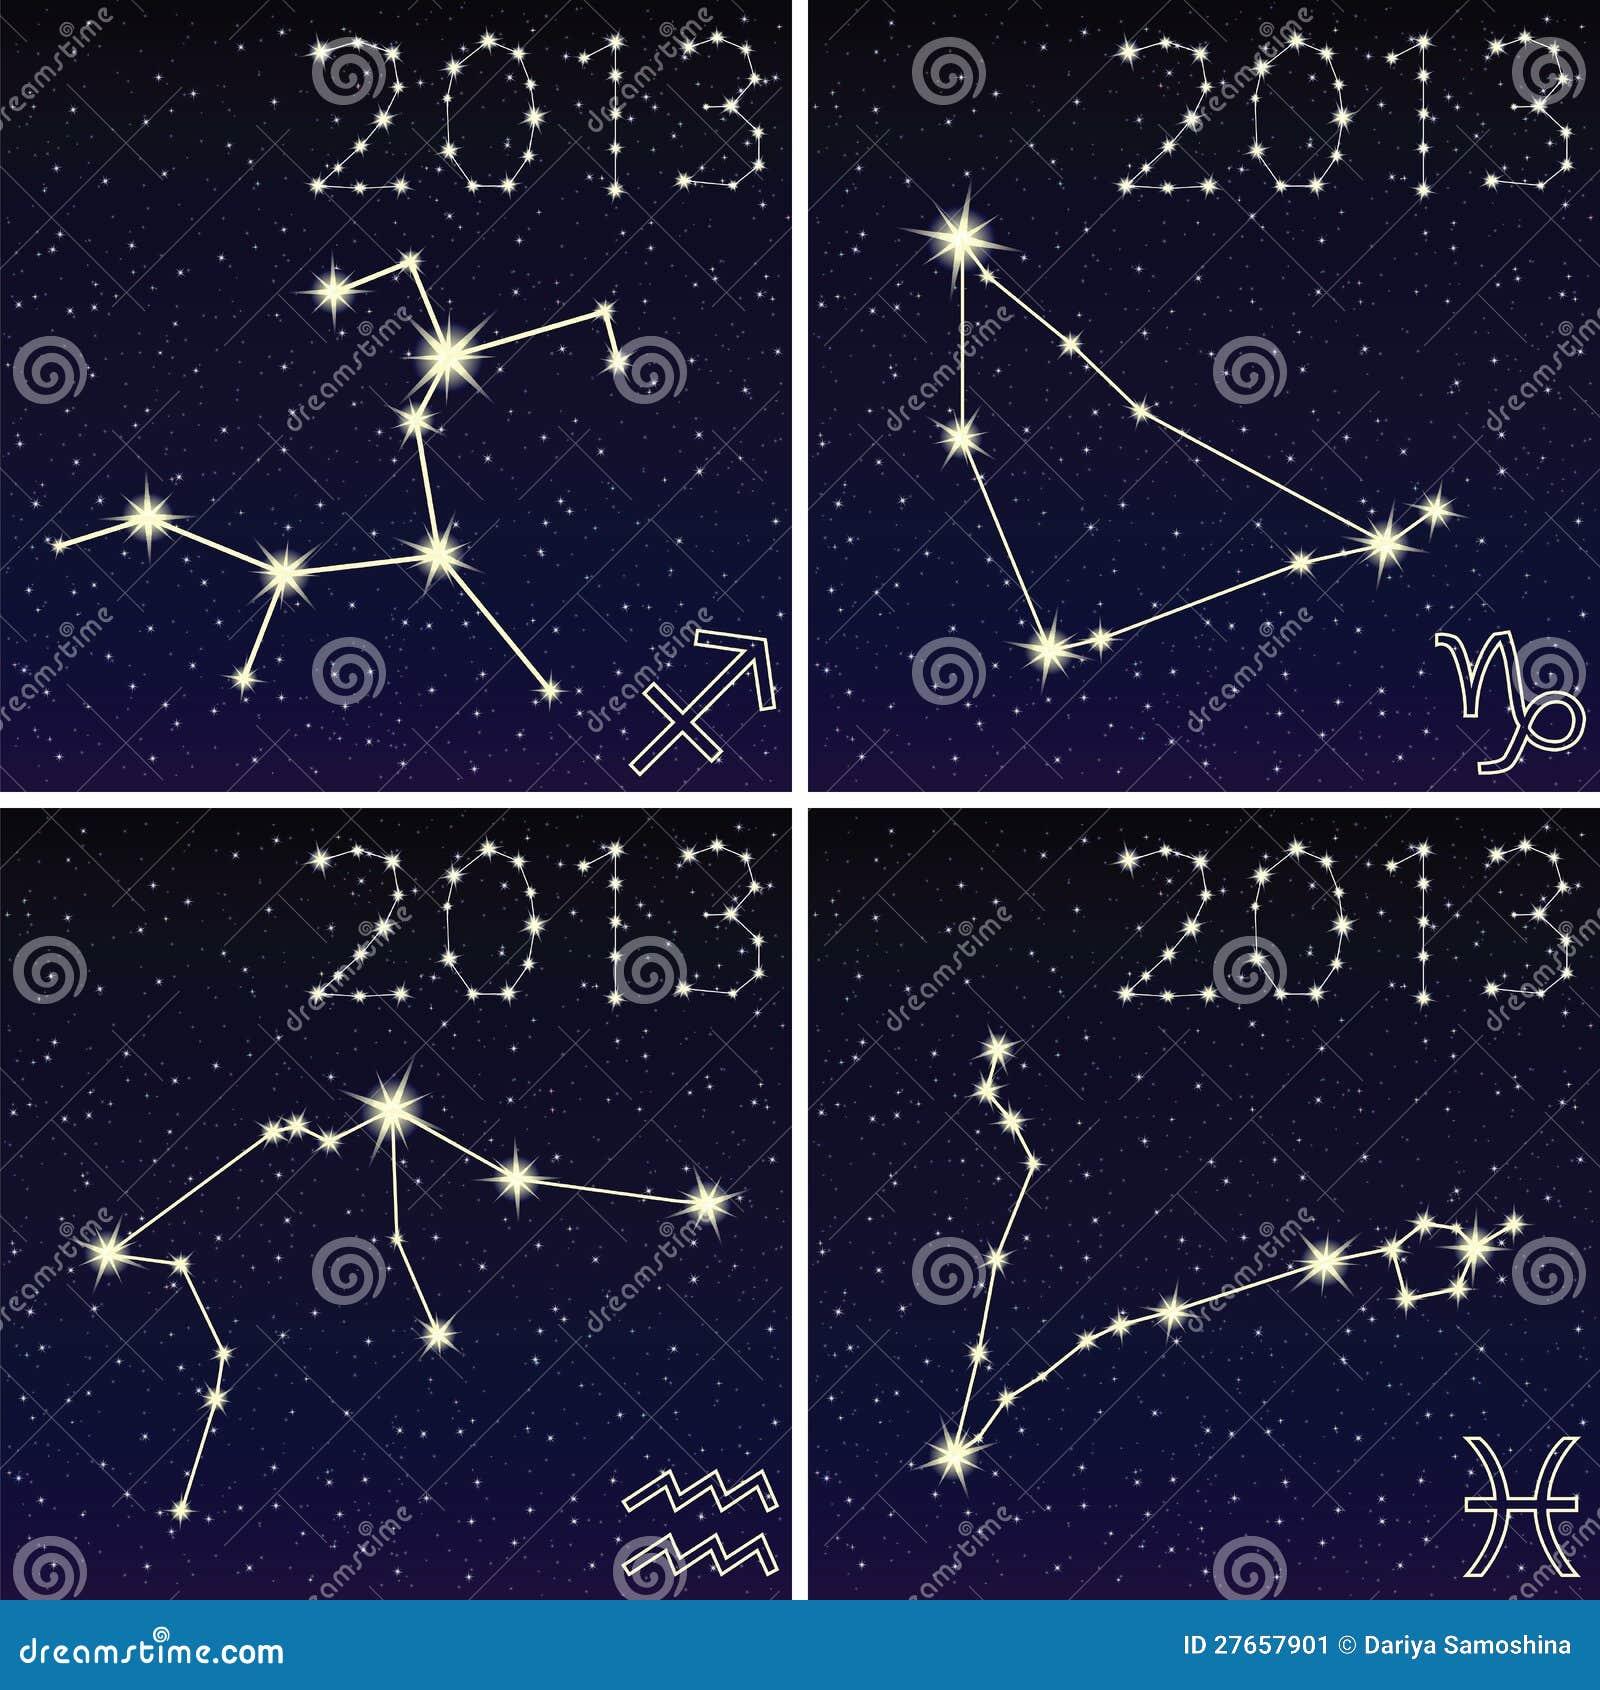 The constellation of capricorn, aquarius, sagittarius, pisces 2013.